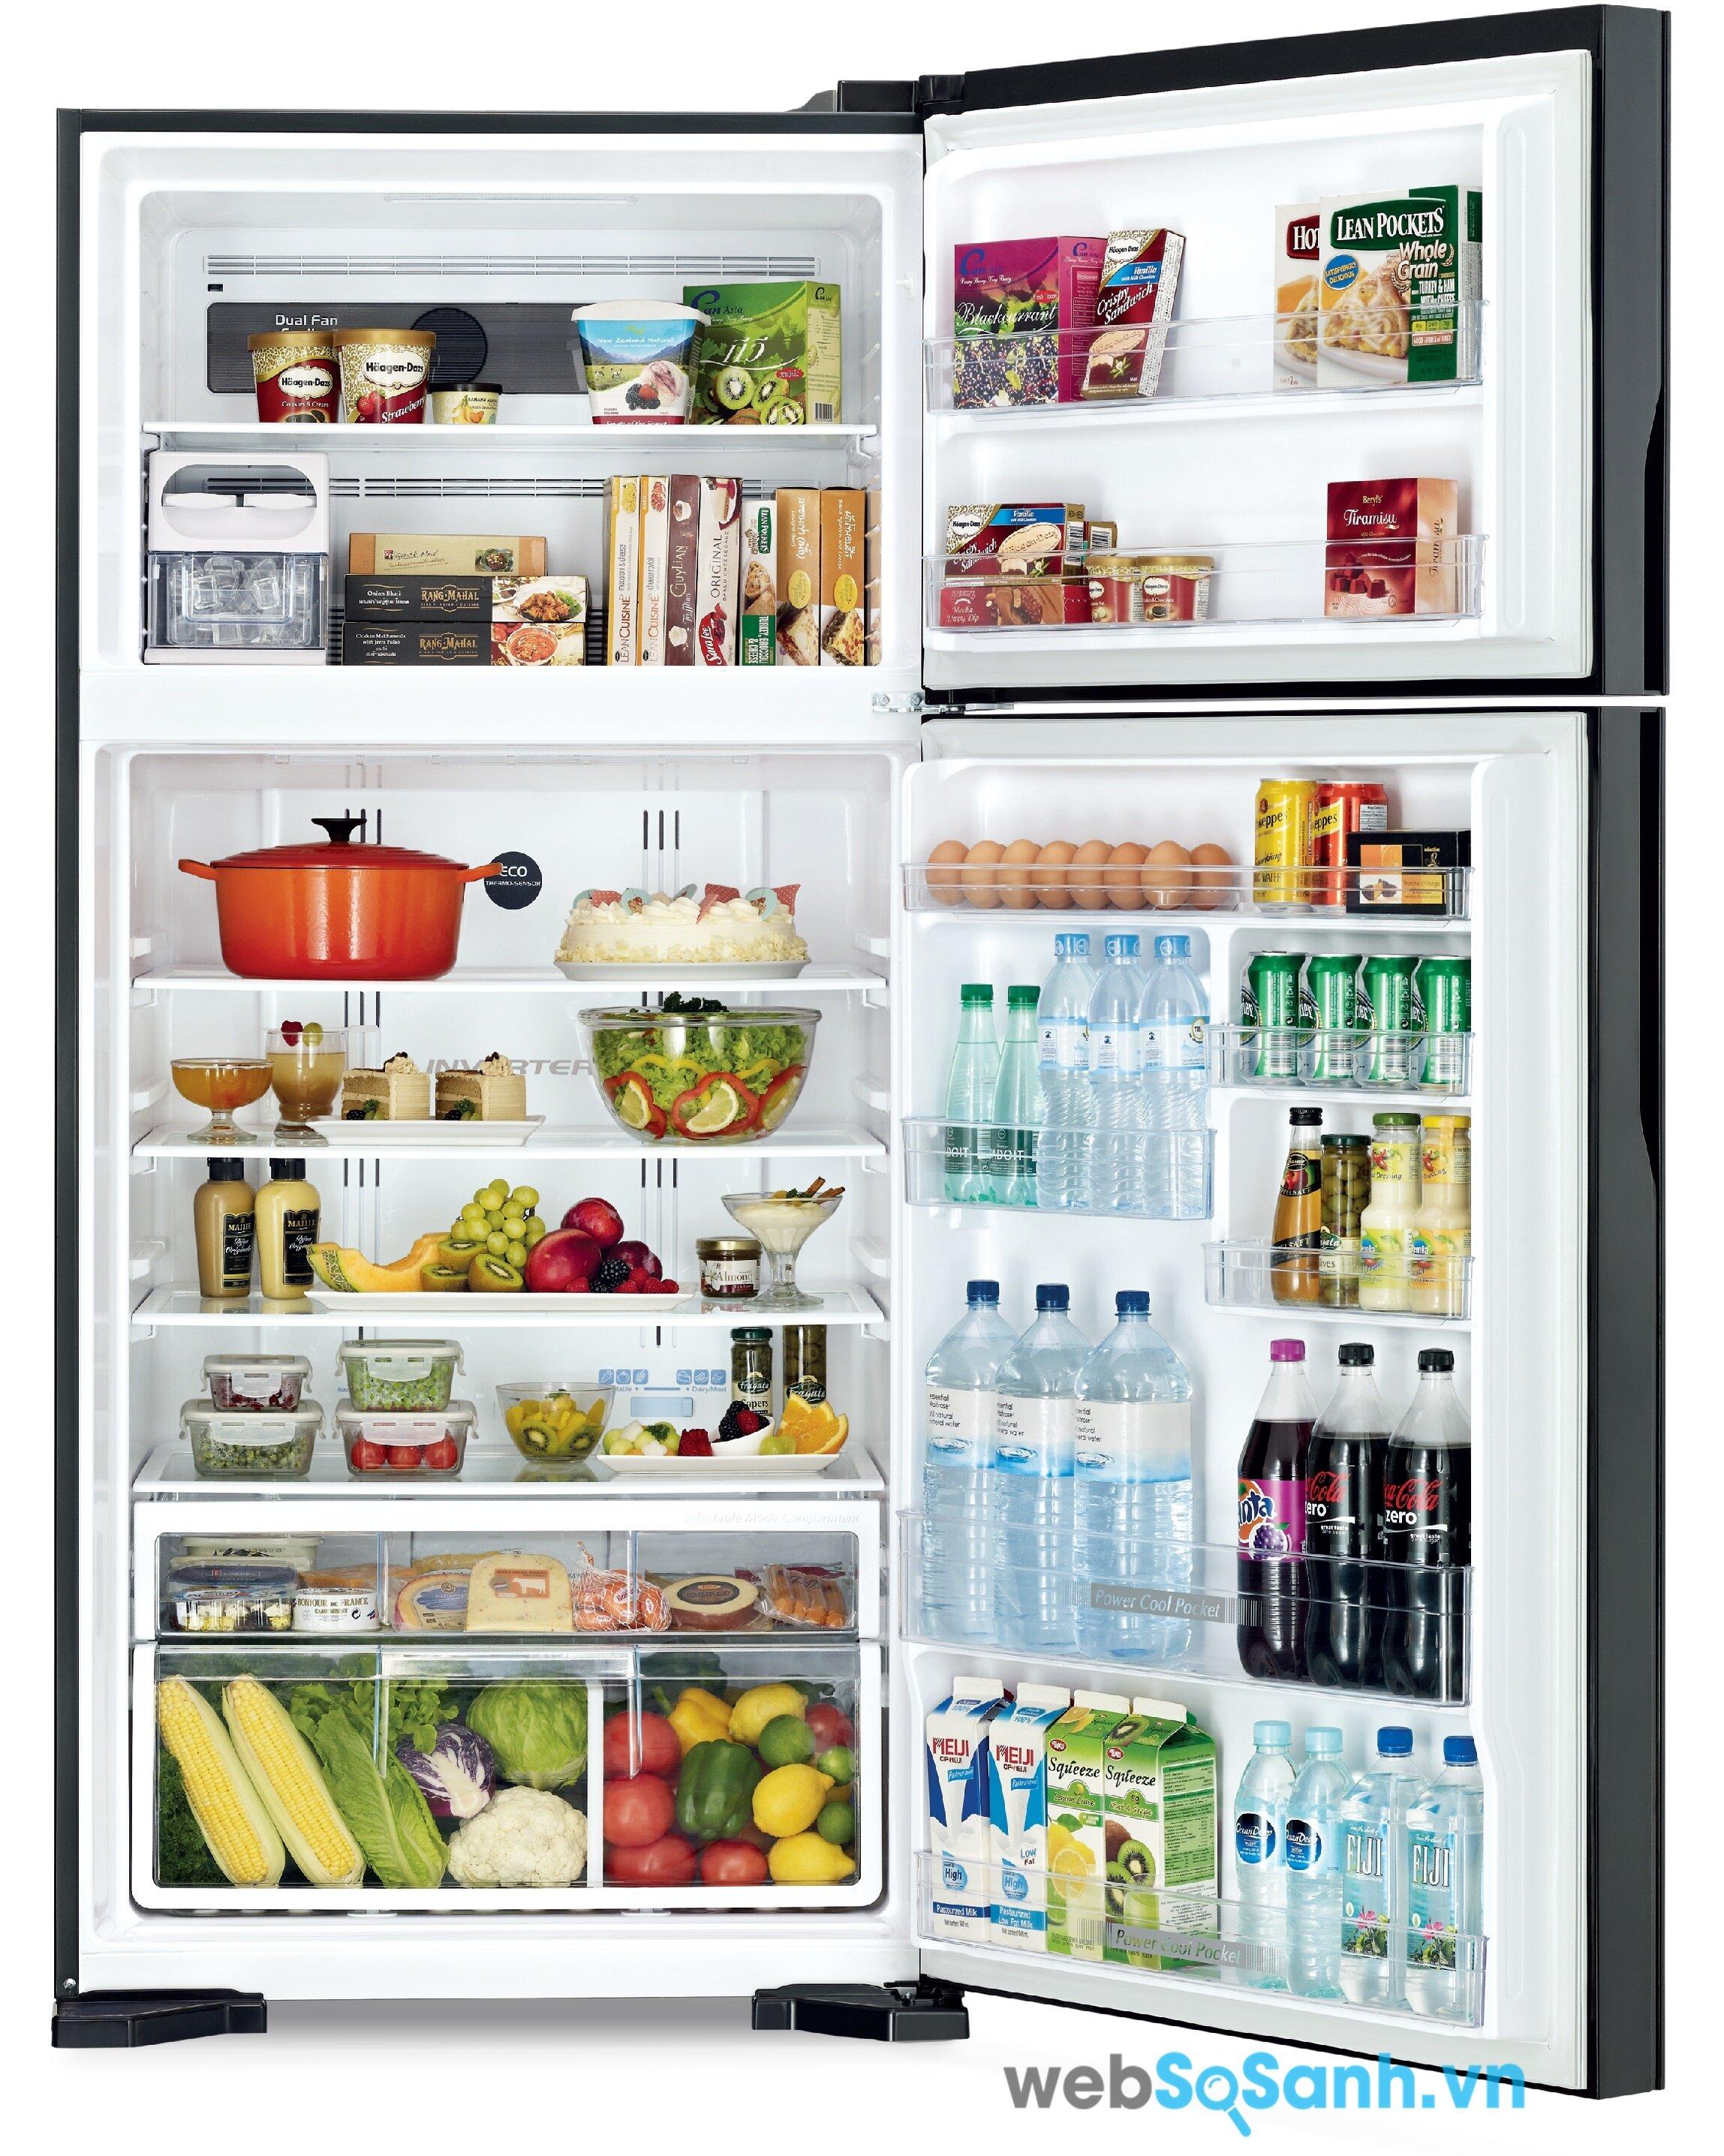 Tủ lạnh Hitachi R-VG540PGV3 bền bỉ với khay kính chịu lực